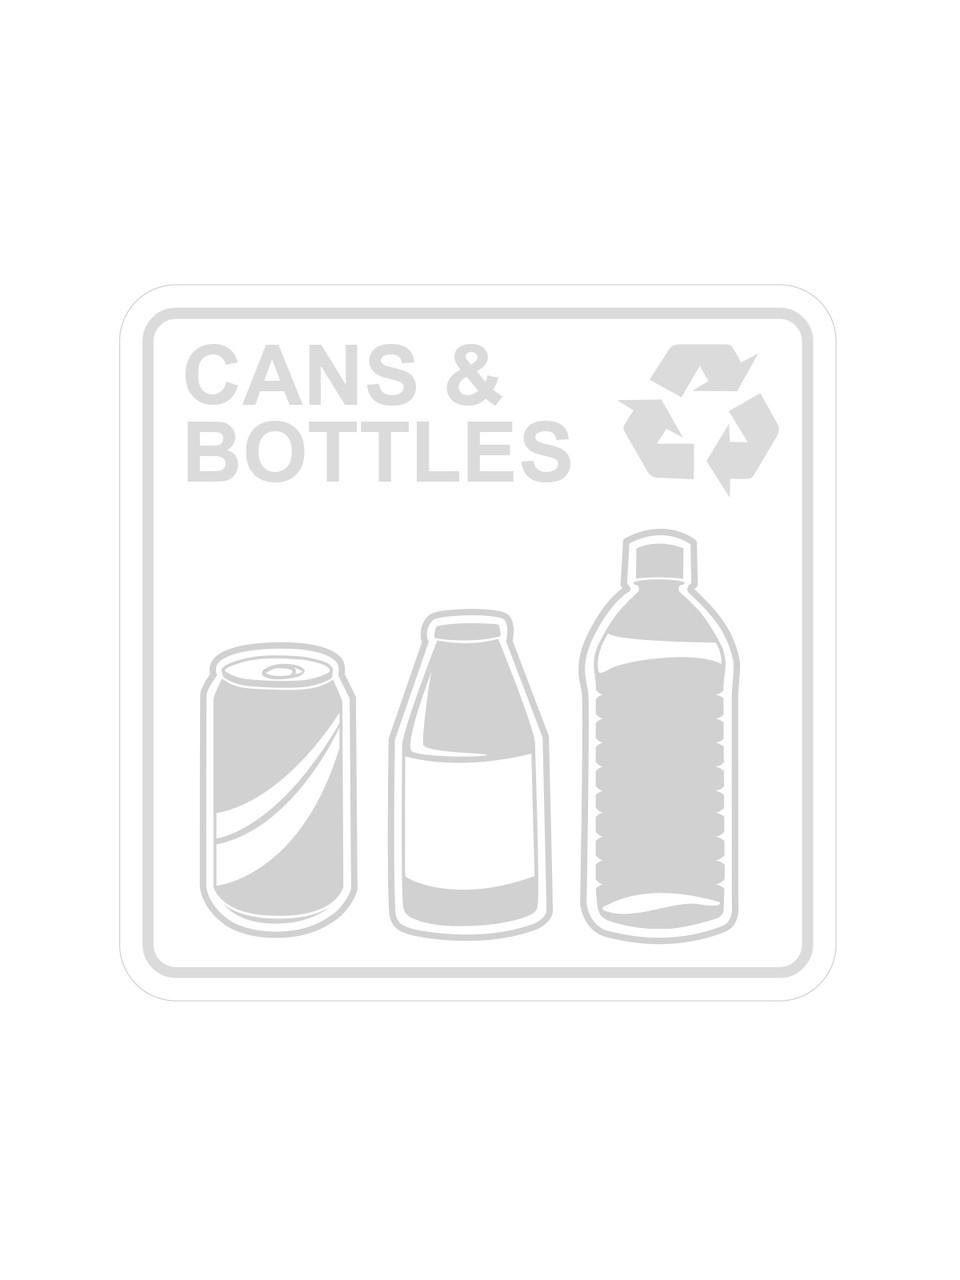 Cans & Bottles